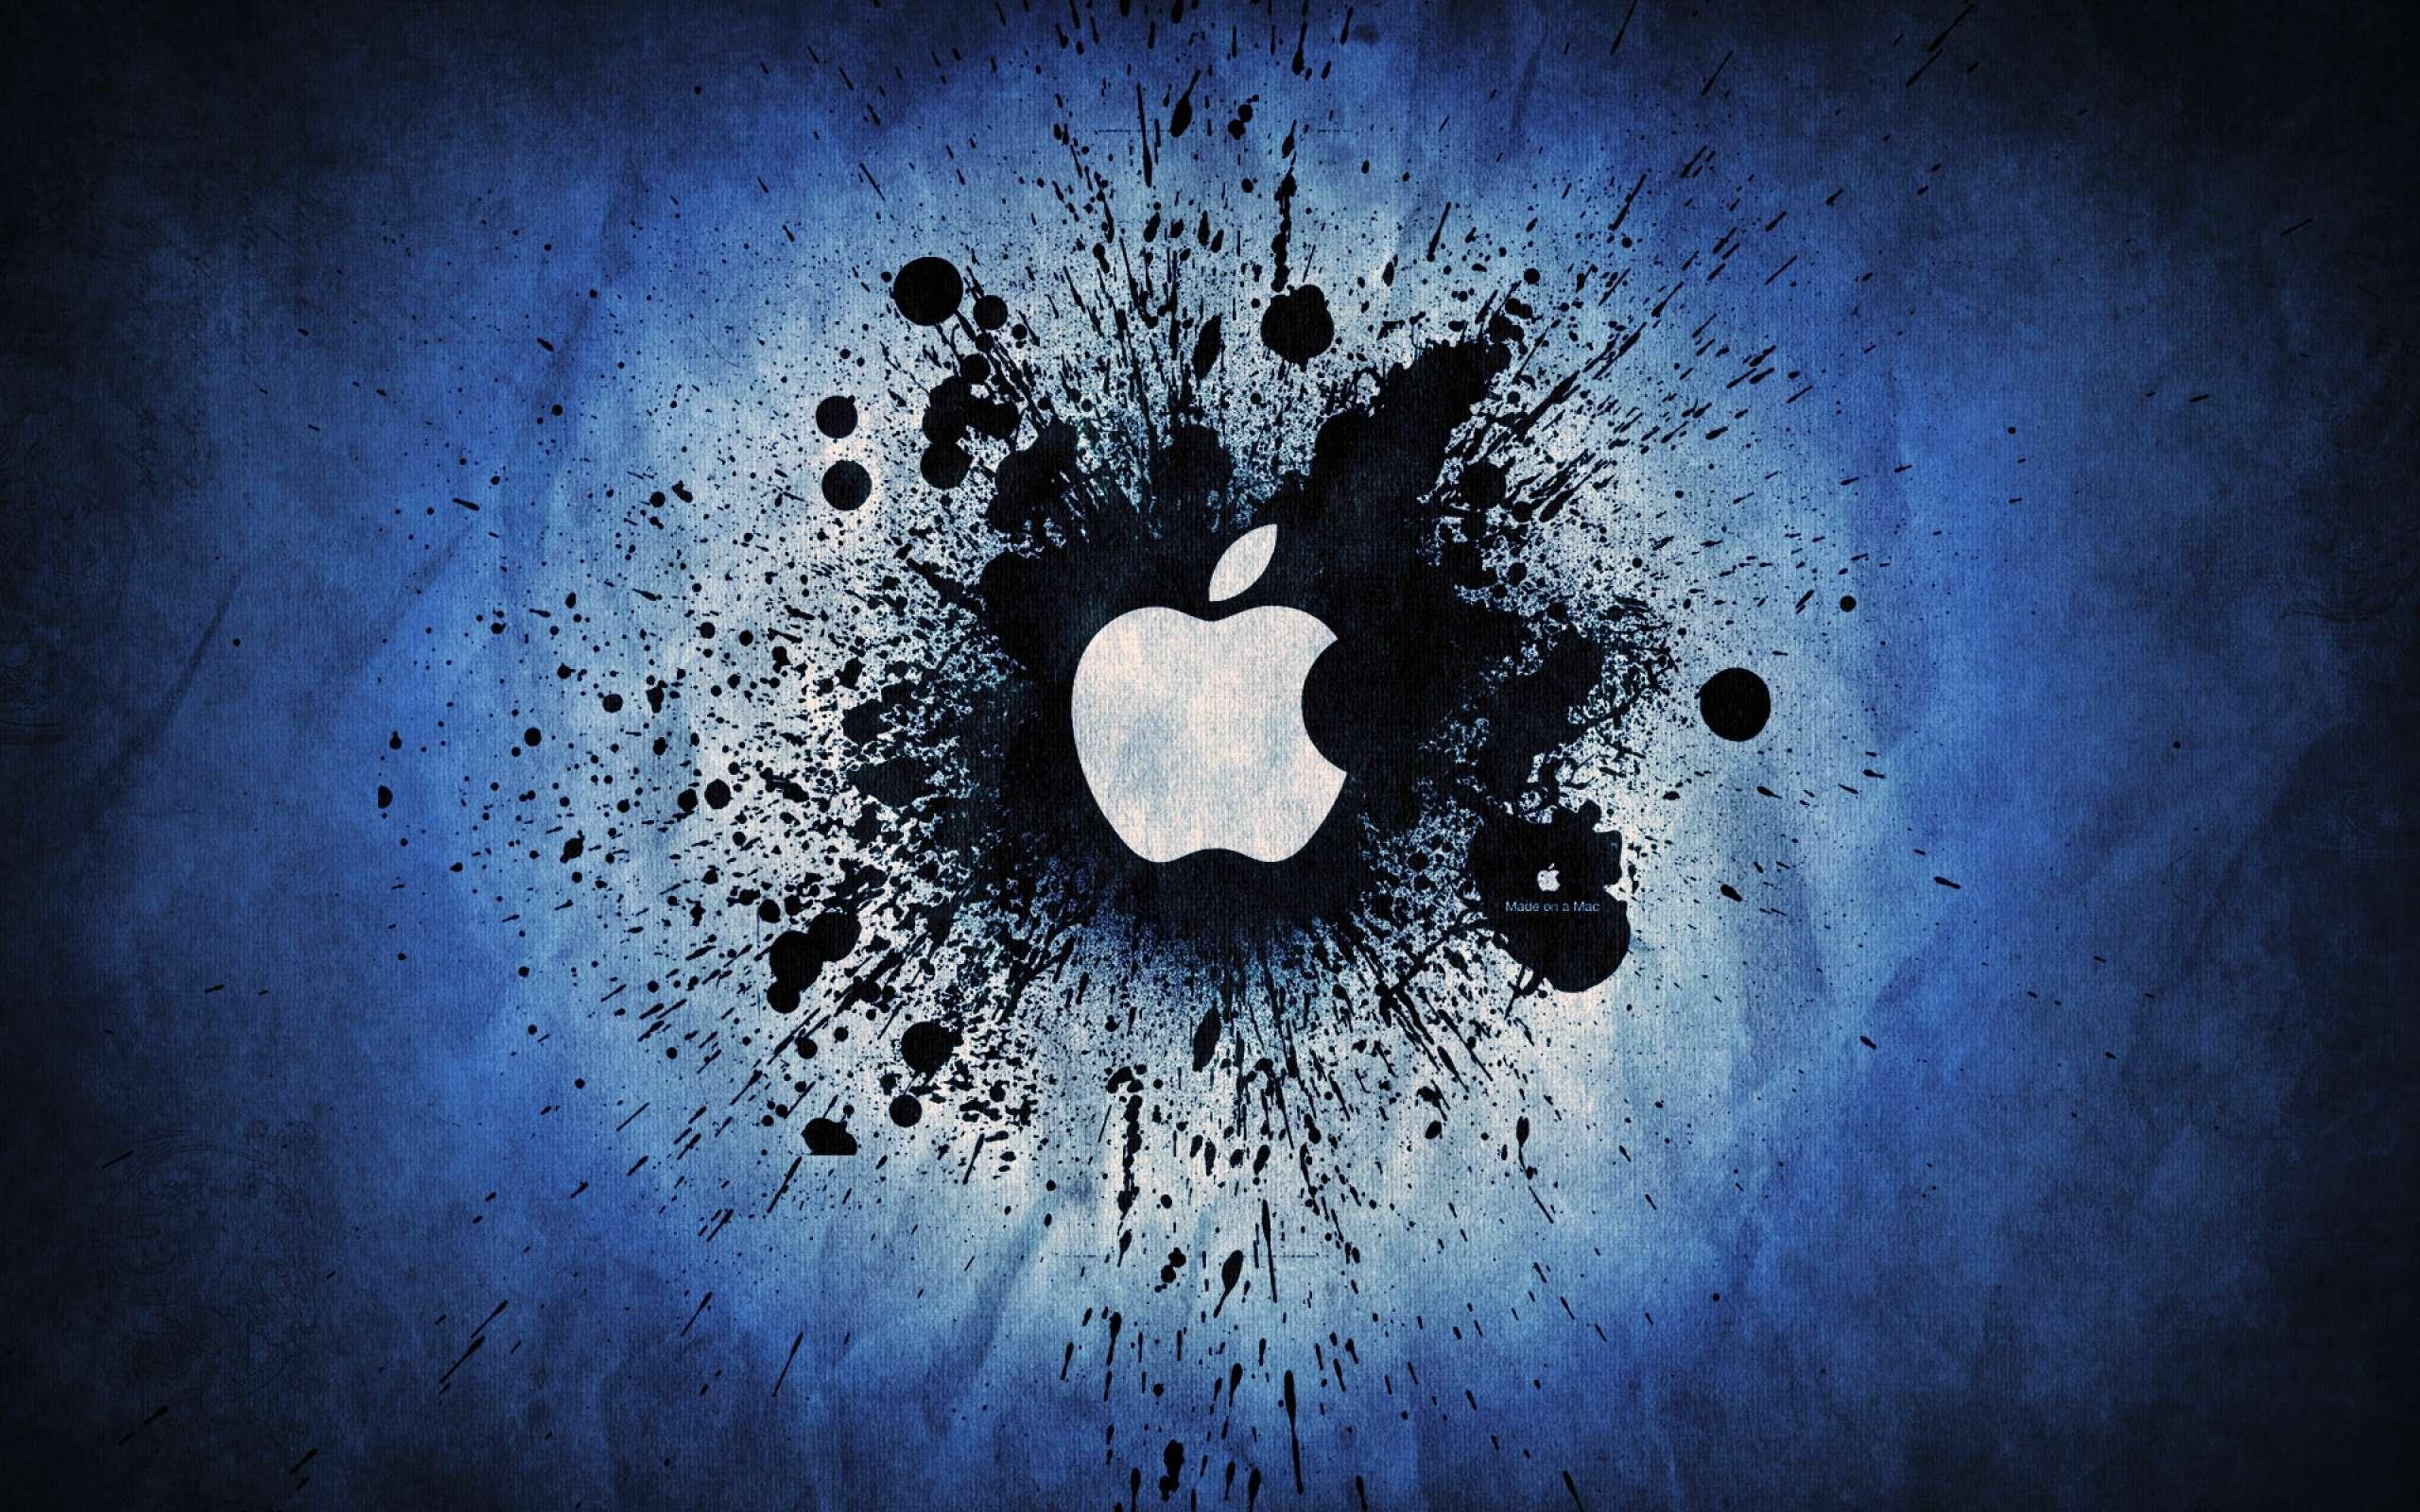 Fonds d'écran Apple PC et Tablettes (iPad, etc...)